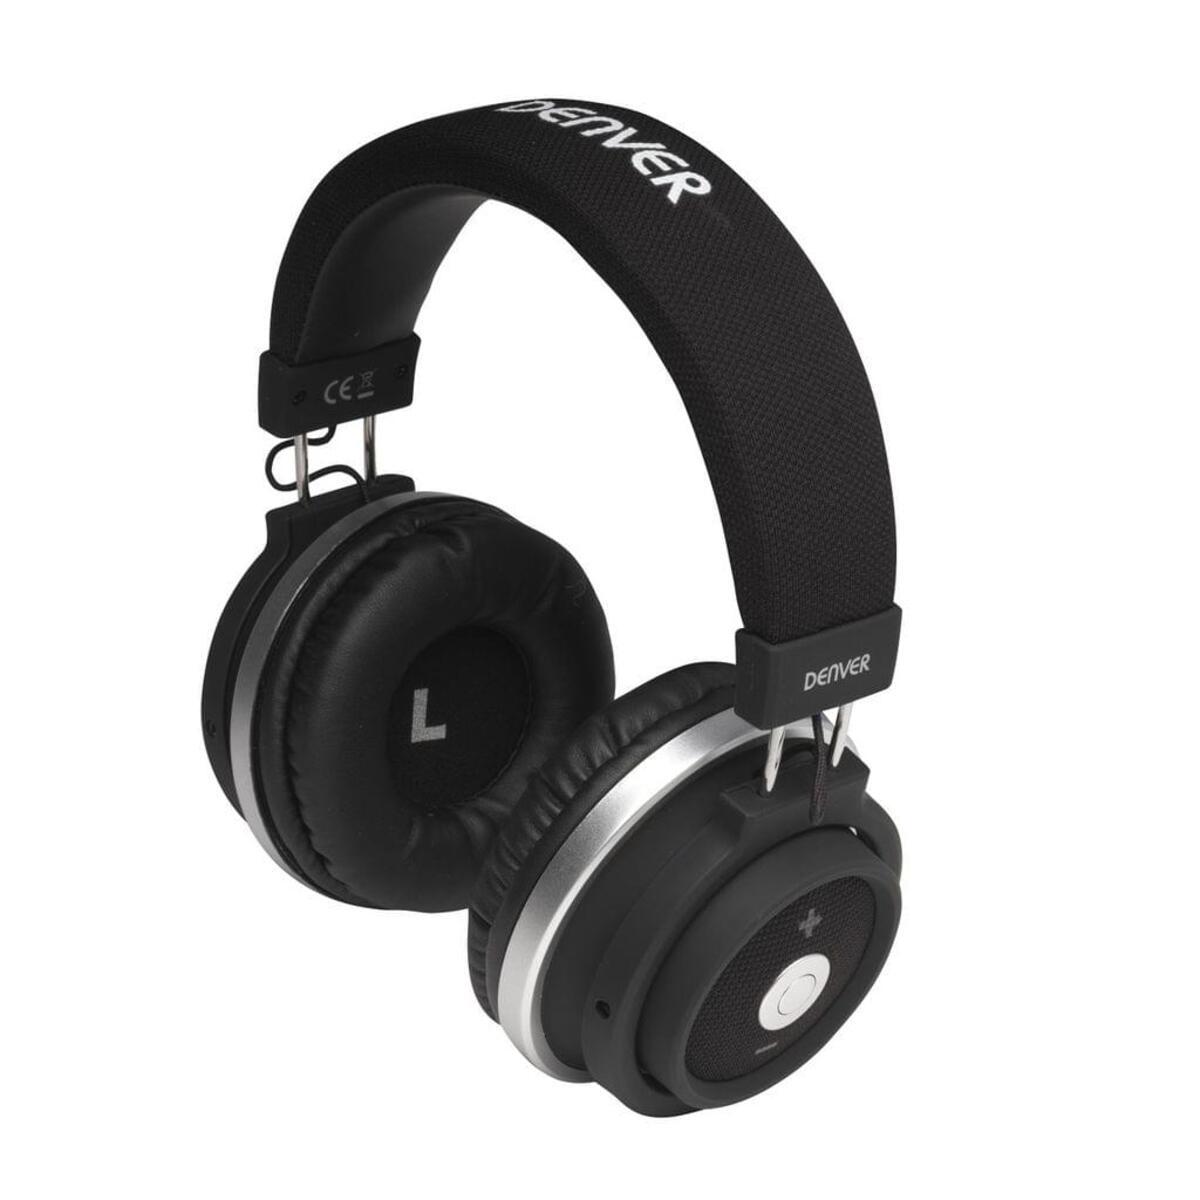 Bild 2 von Kopfhörer mit Bluetooth, Headset Funktion und sattem Sound Denver BTH-250 black